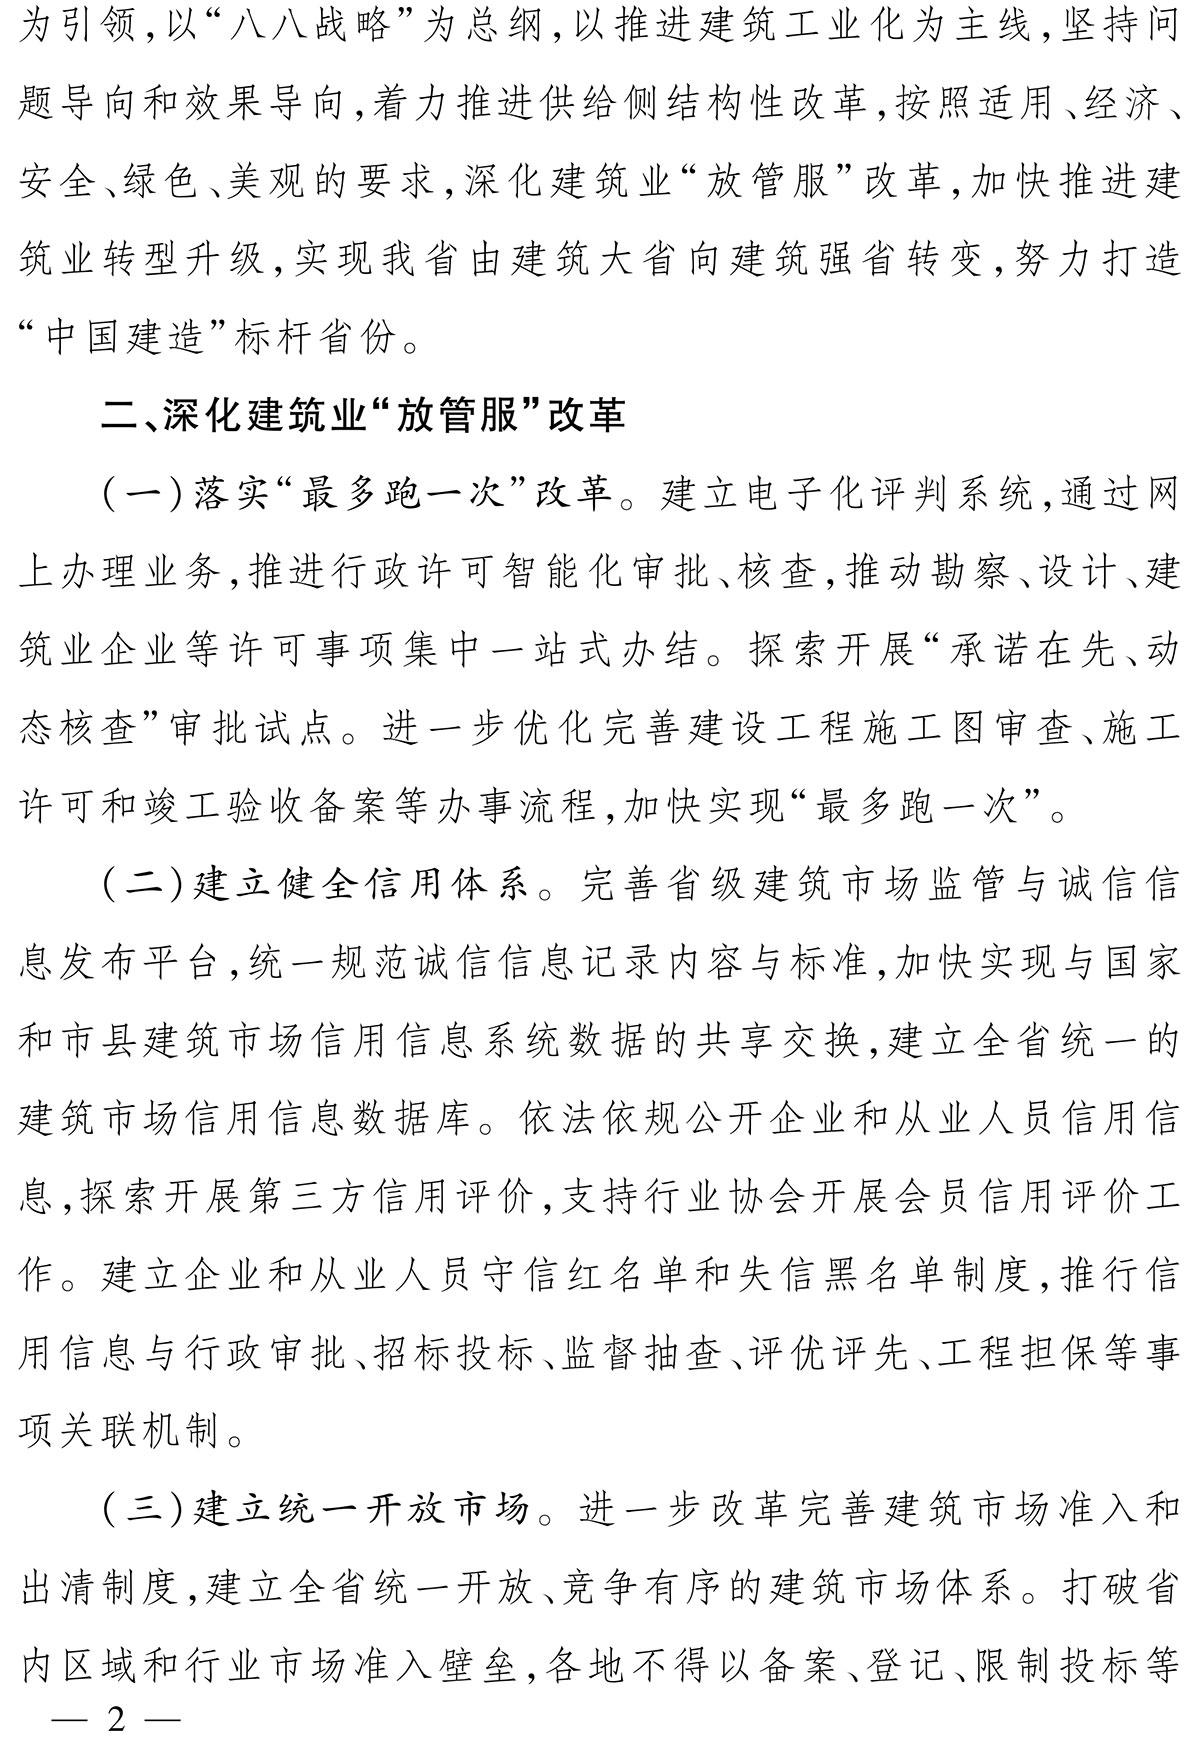 浙江省人民政府办公厅关于加快建筑业改革与发展的实施意见-2.jpg